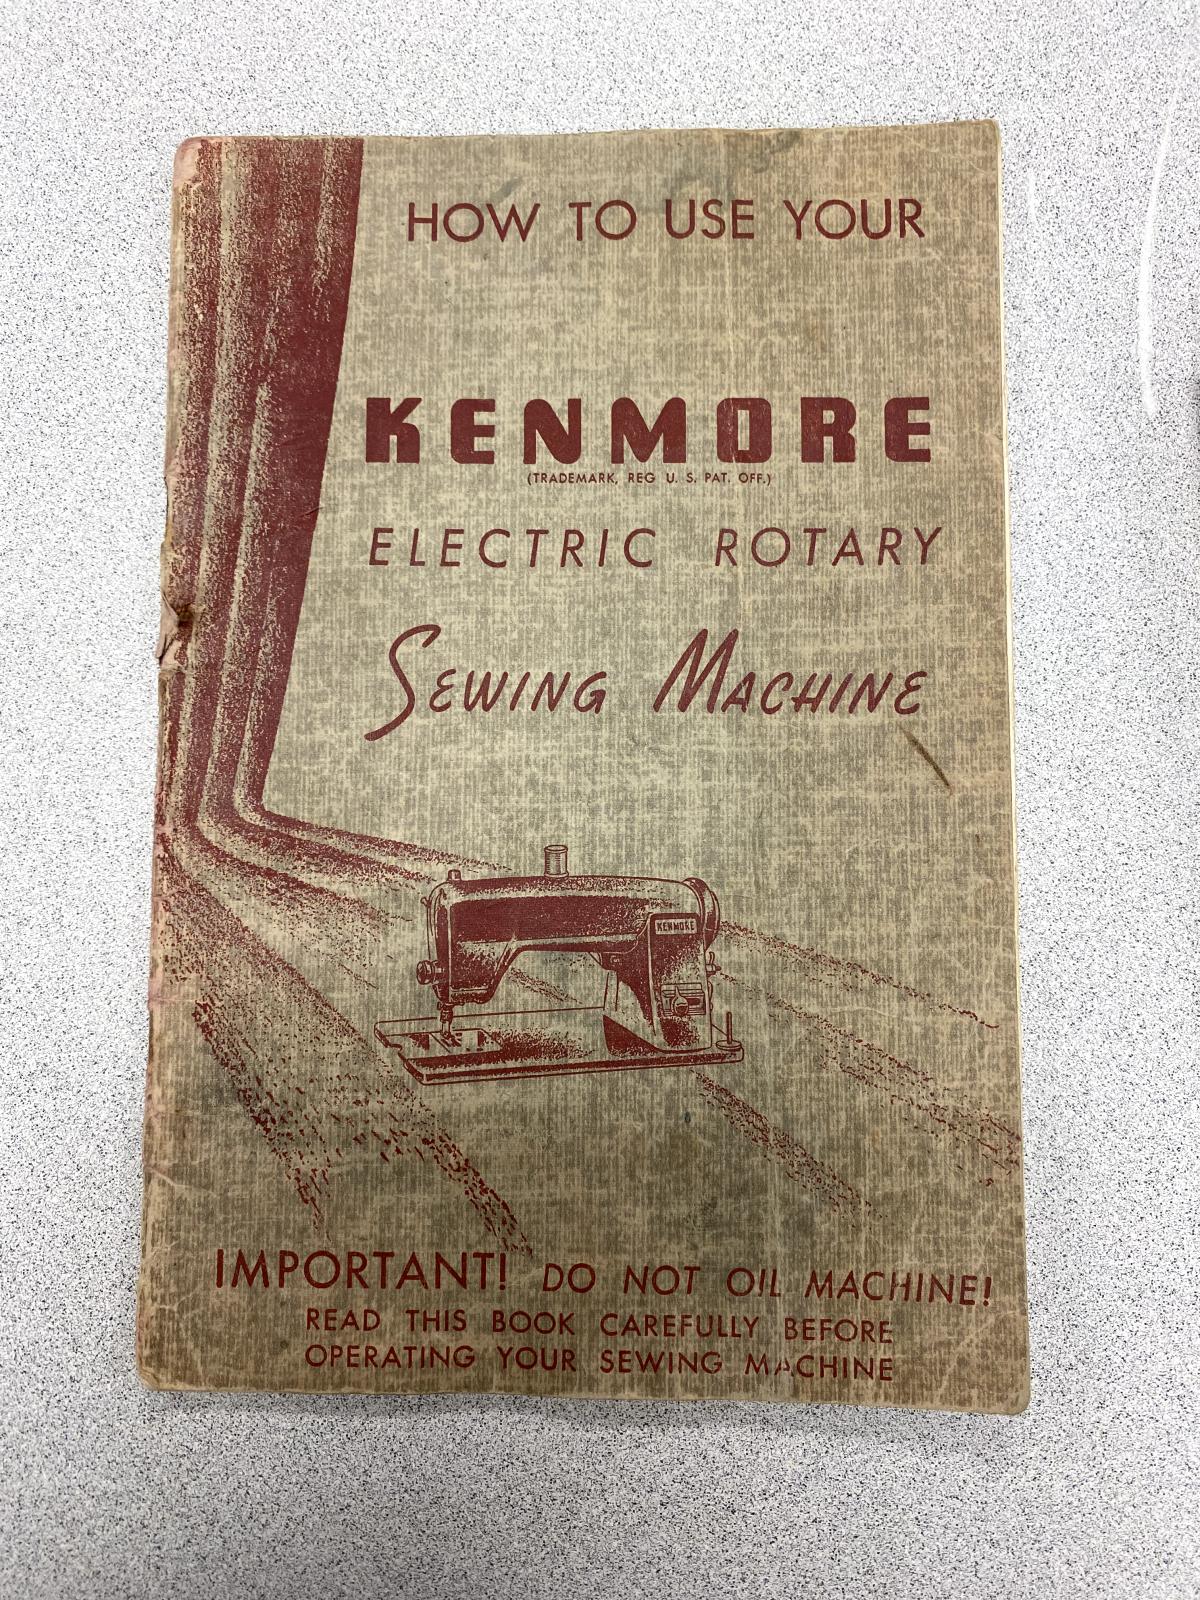 Kenmore rotary